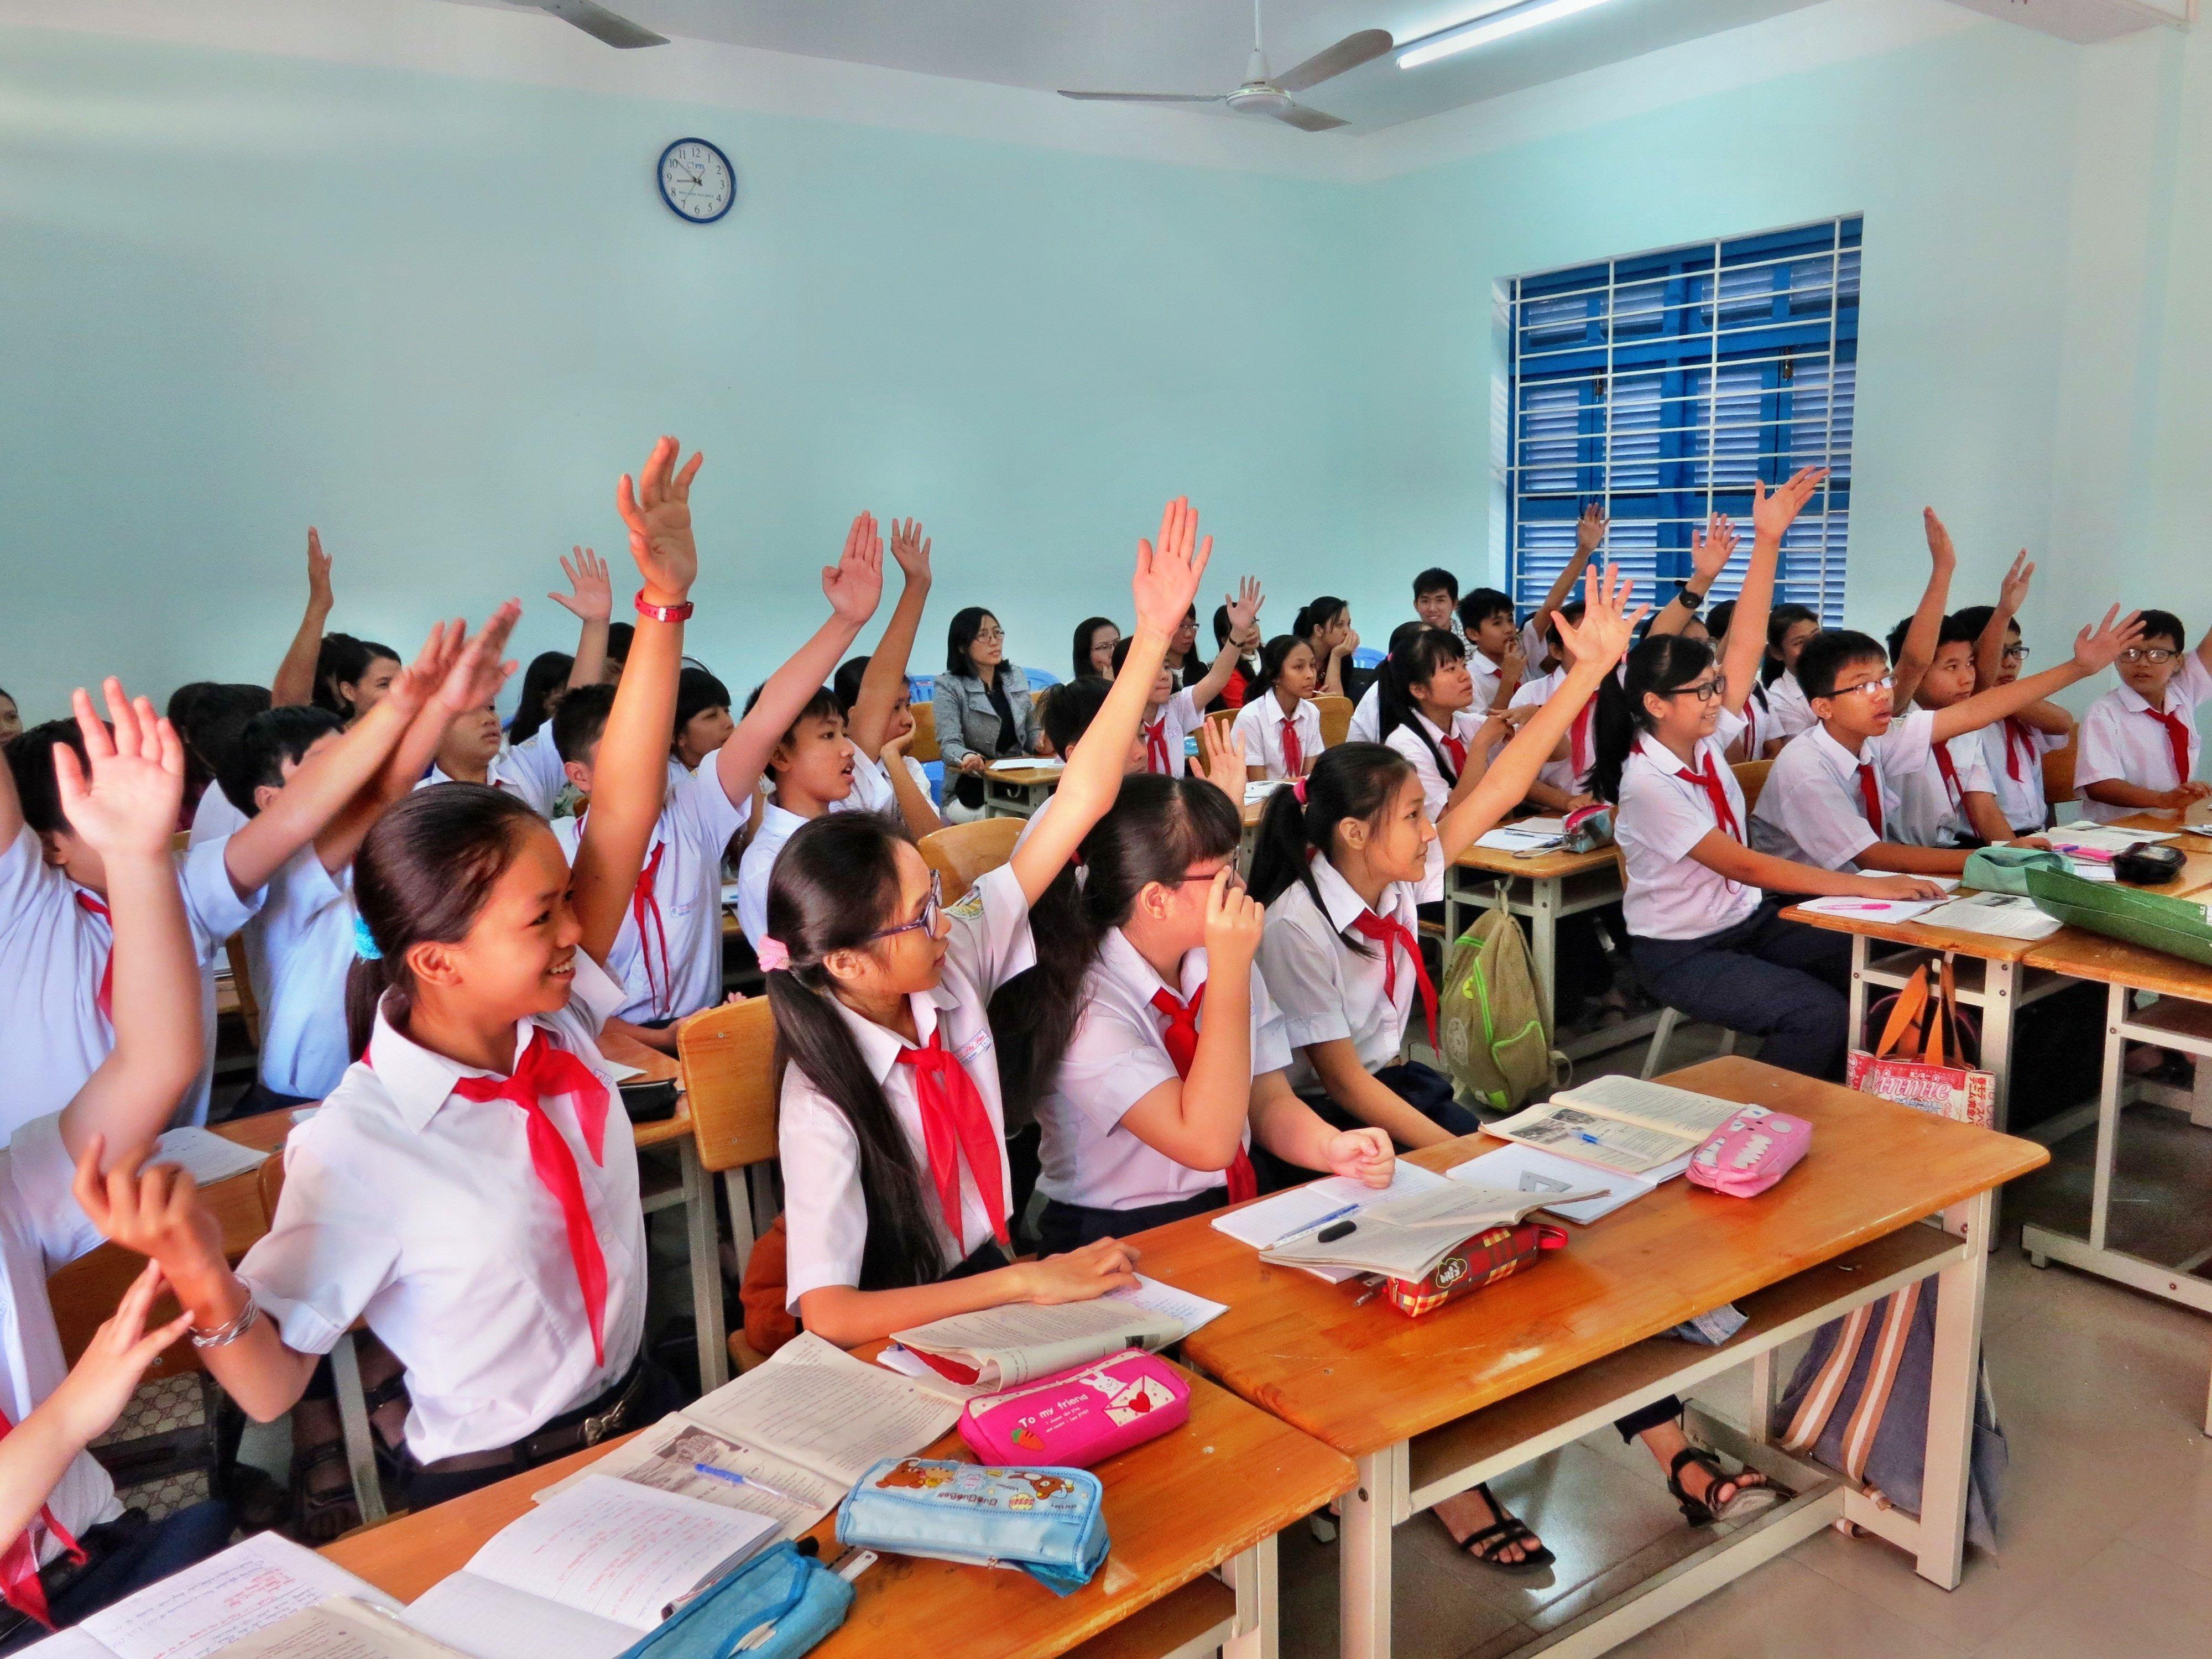 """Chuyên Đề Cụm 4: """"Tích Hợp Kiến Thức Liên Môn Địa Lý-Sinh Học Vào Giảng Dạy Môn Giáo Dục Công Dân Lớp 7 Ở Trường THCS"""""""